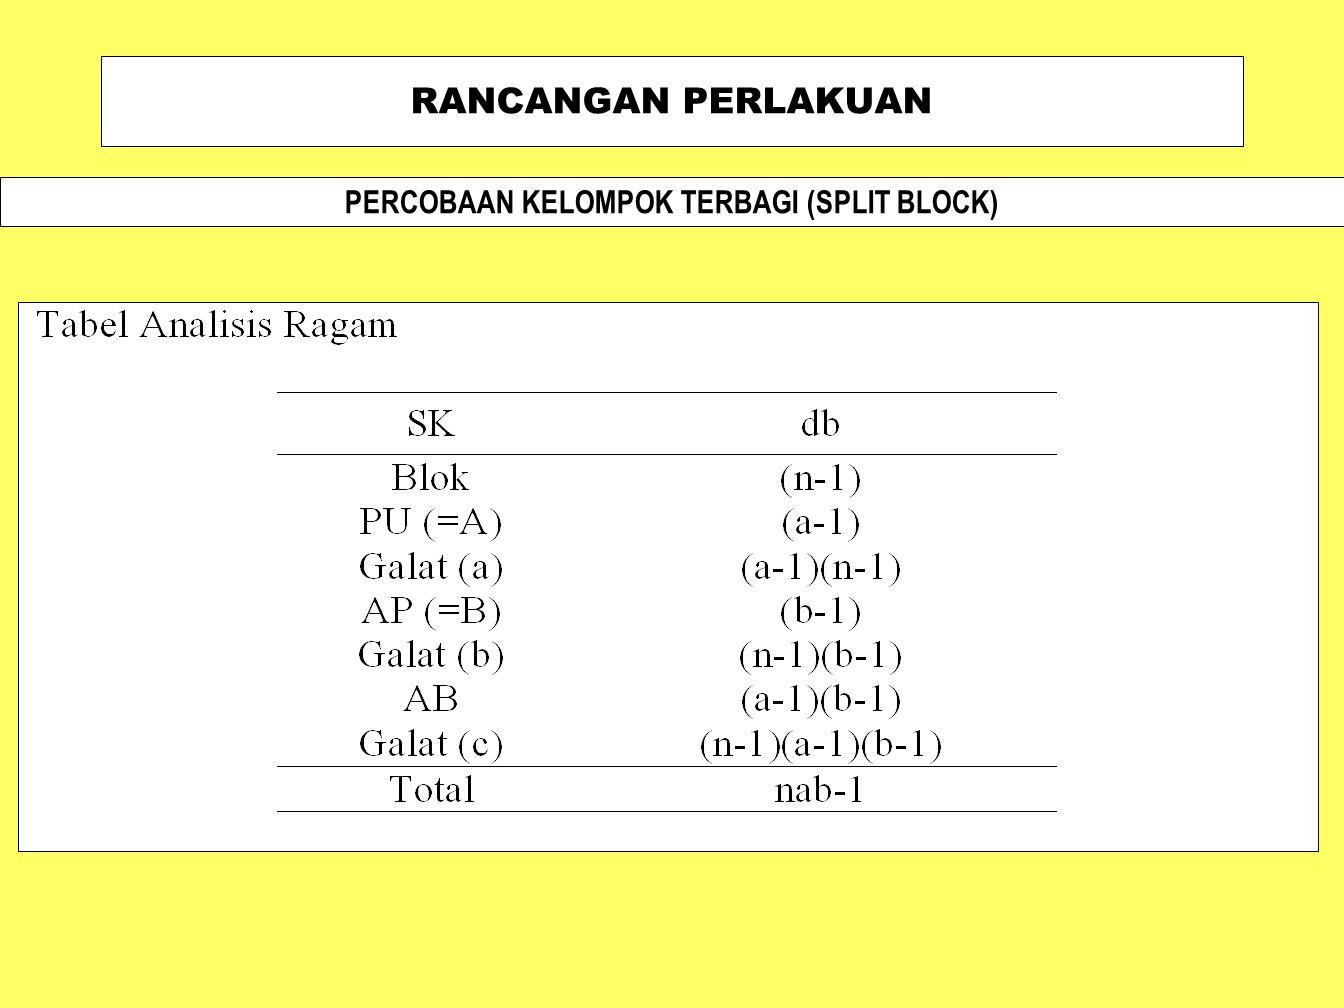 PERCOBAAN KELOMPOK TERBAGI (SPLIT BLOCK)